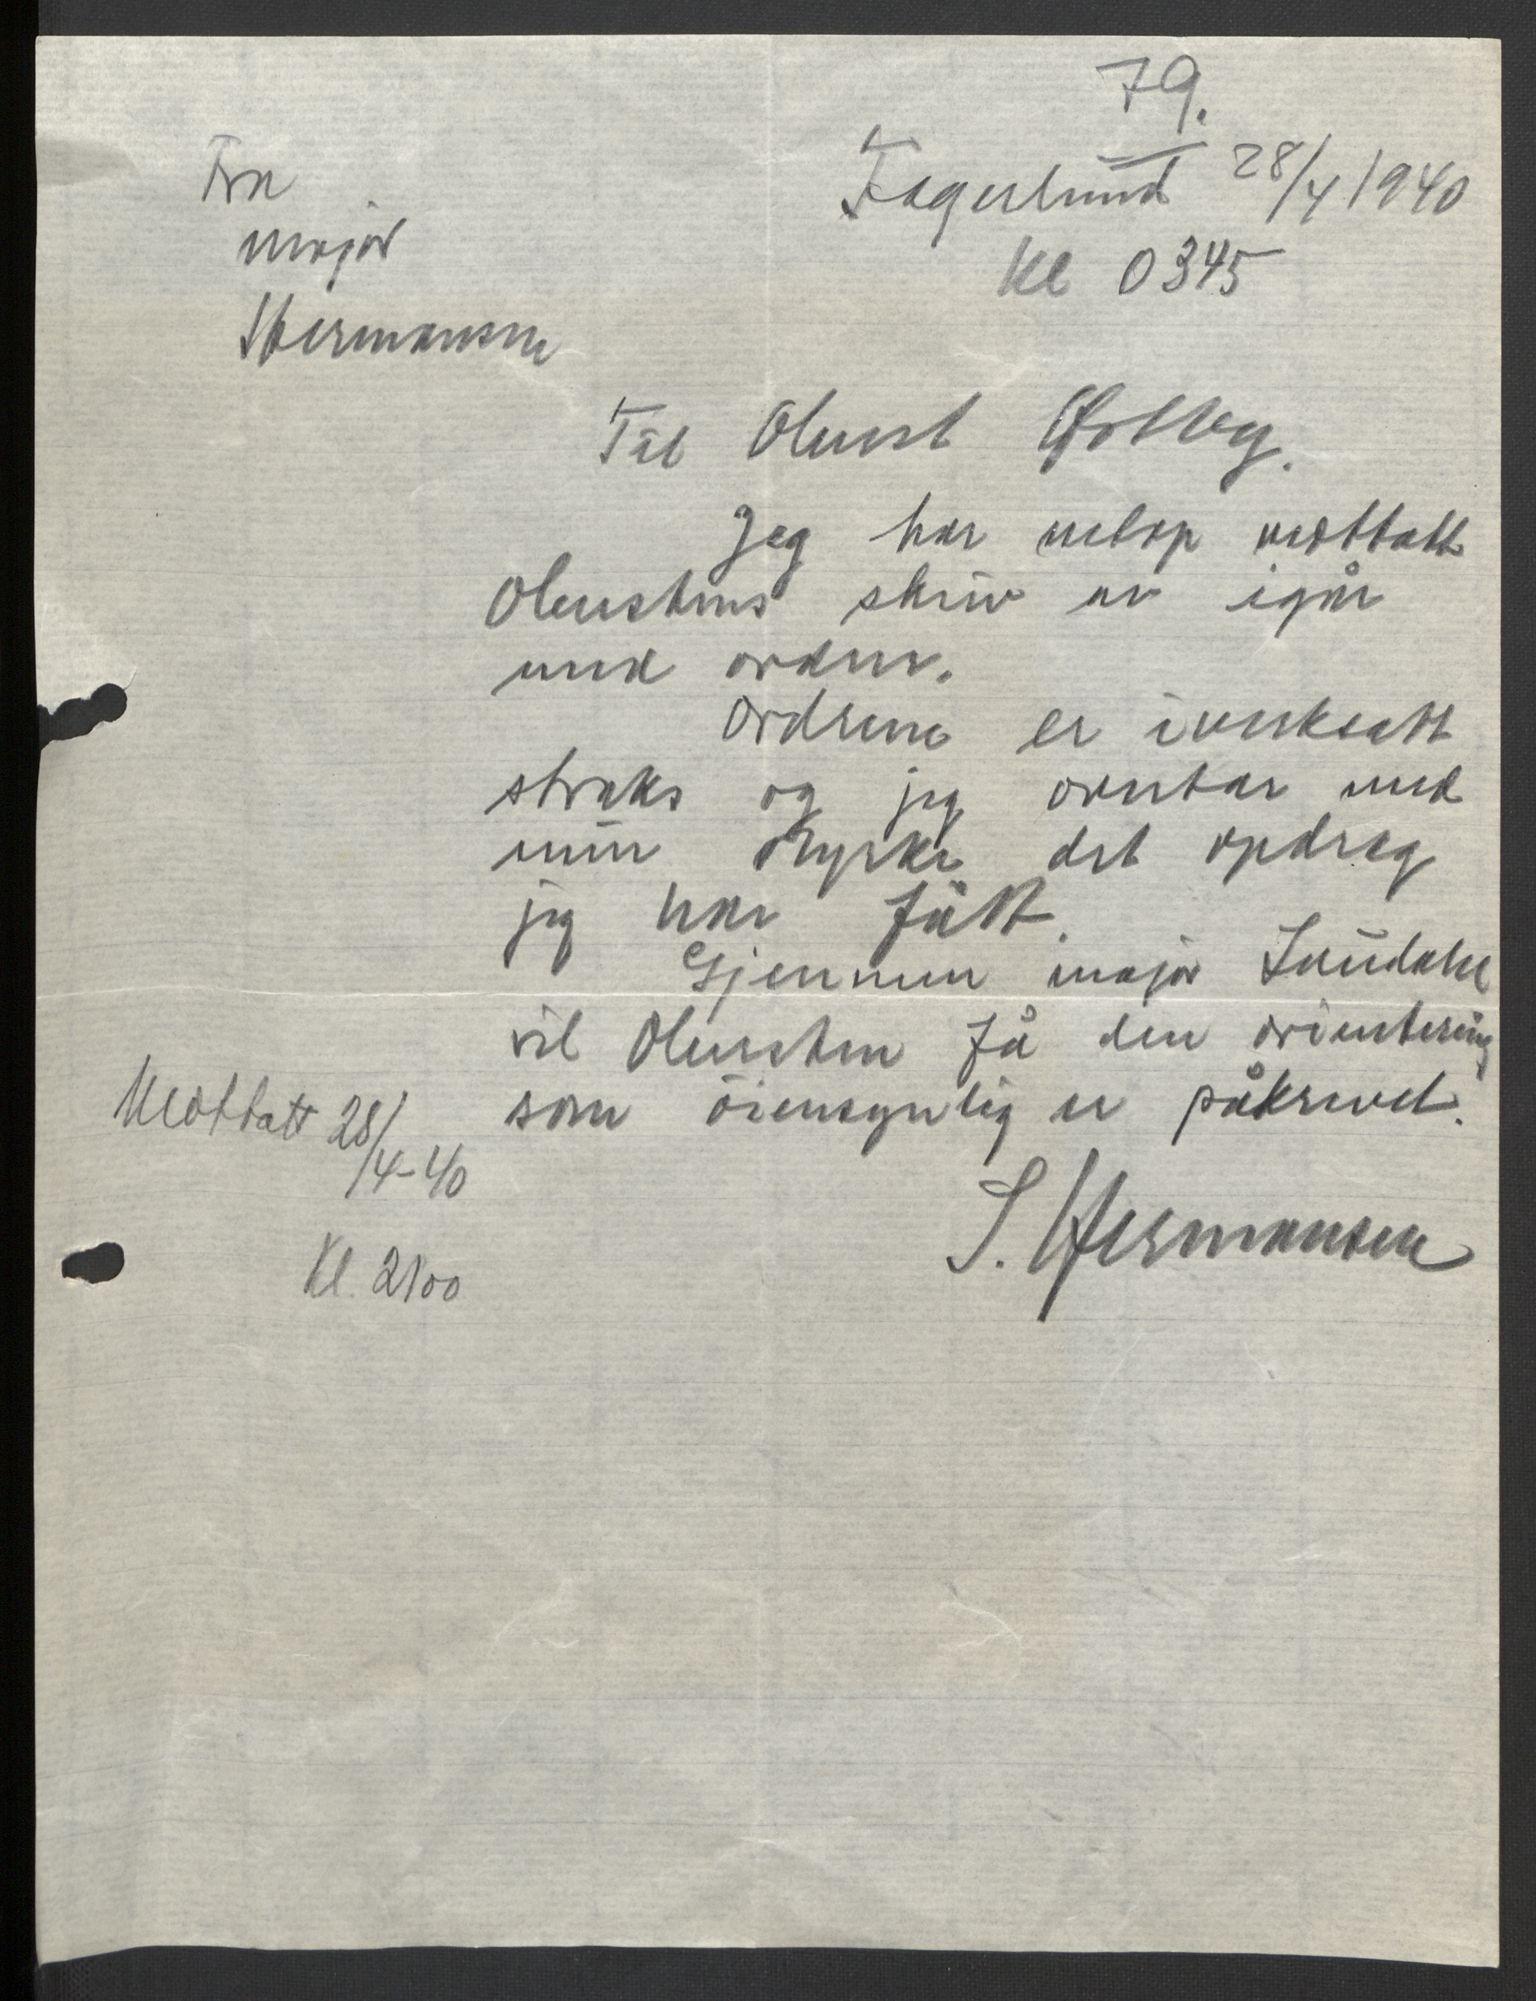 RA, Forsvaret, Forsvarets krigshistoriske avdeling, Y/Yb/L0104: II-C-11-430  -  4. Divisjon., 1940, s. 163